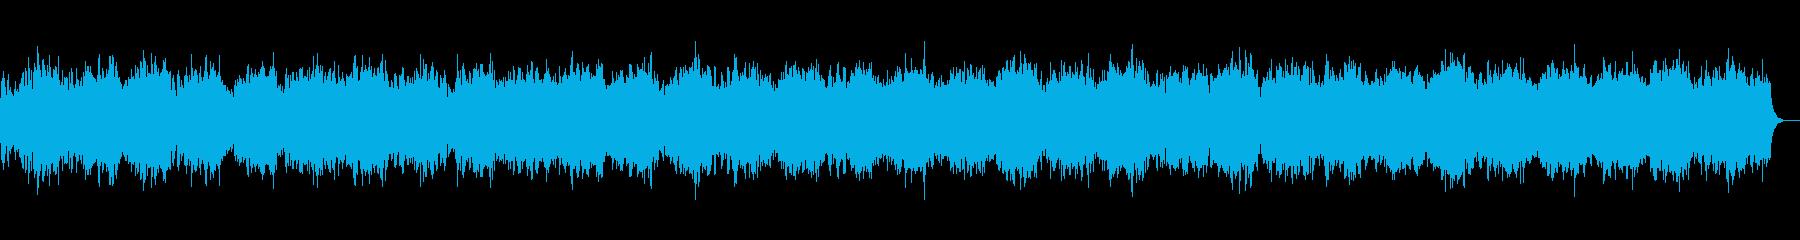 眠りへ誘う幻想的な楽曲の再生済みの波形